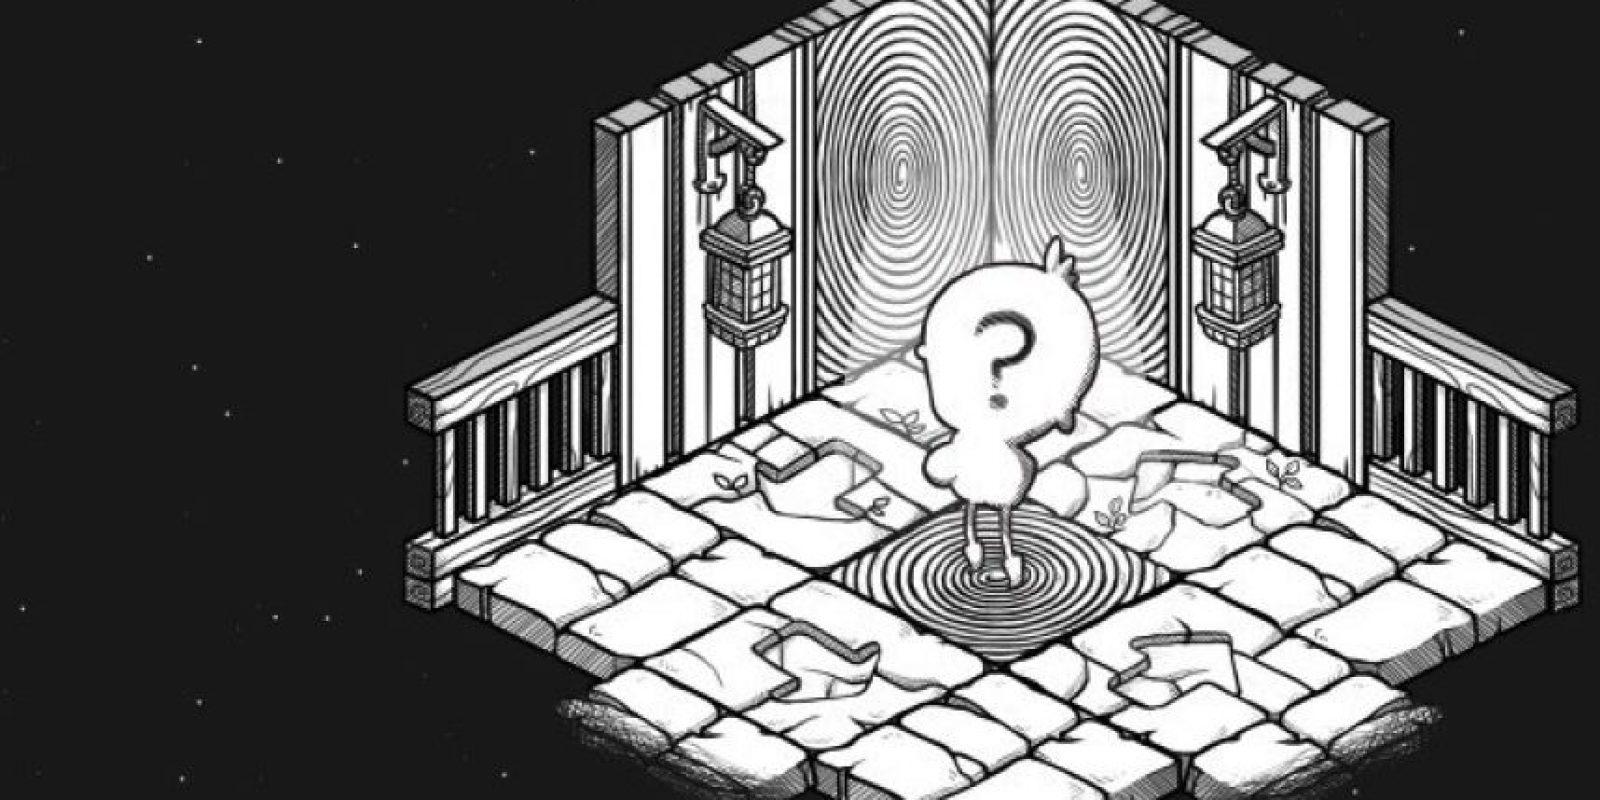 Oquonie es un puzzle para fans de quienes les gustan las ilustraciones y dibujos a mano con personajes muy extraños Foto:David Mondou-Labbe